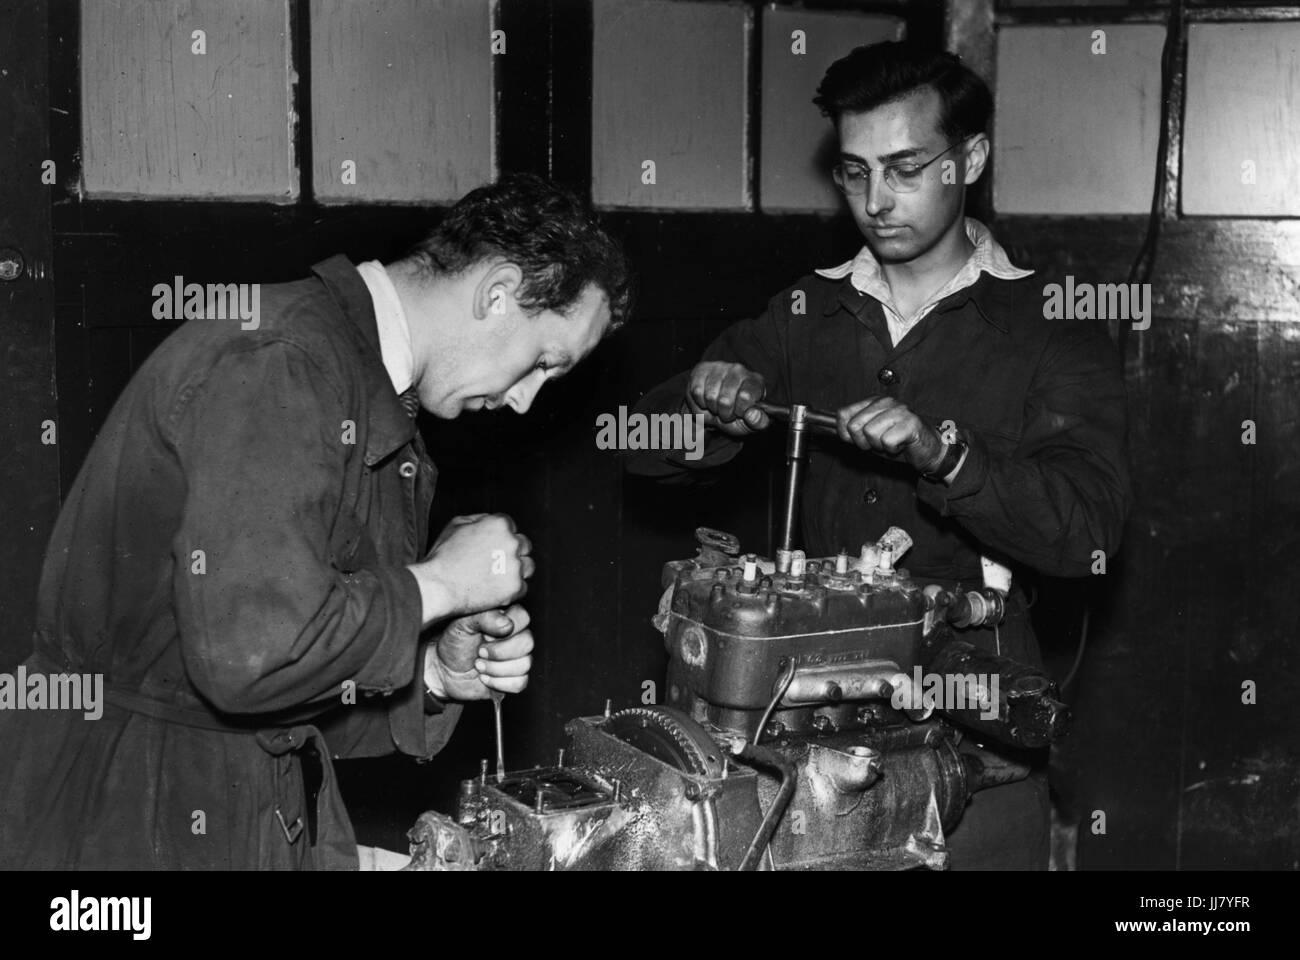 Colin Chapman and Michael Allen in Chapman's workshop. - Stock Image